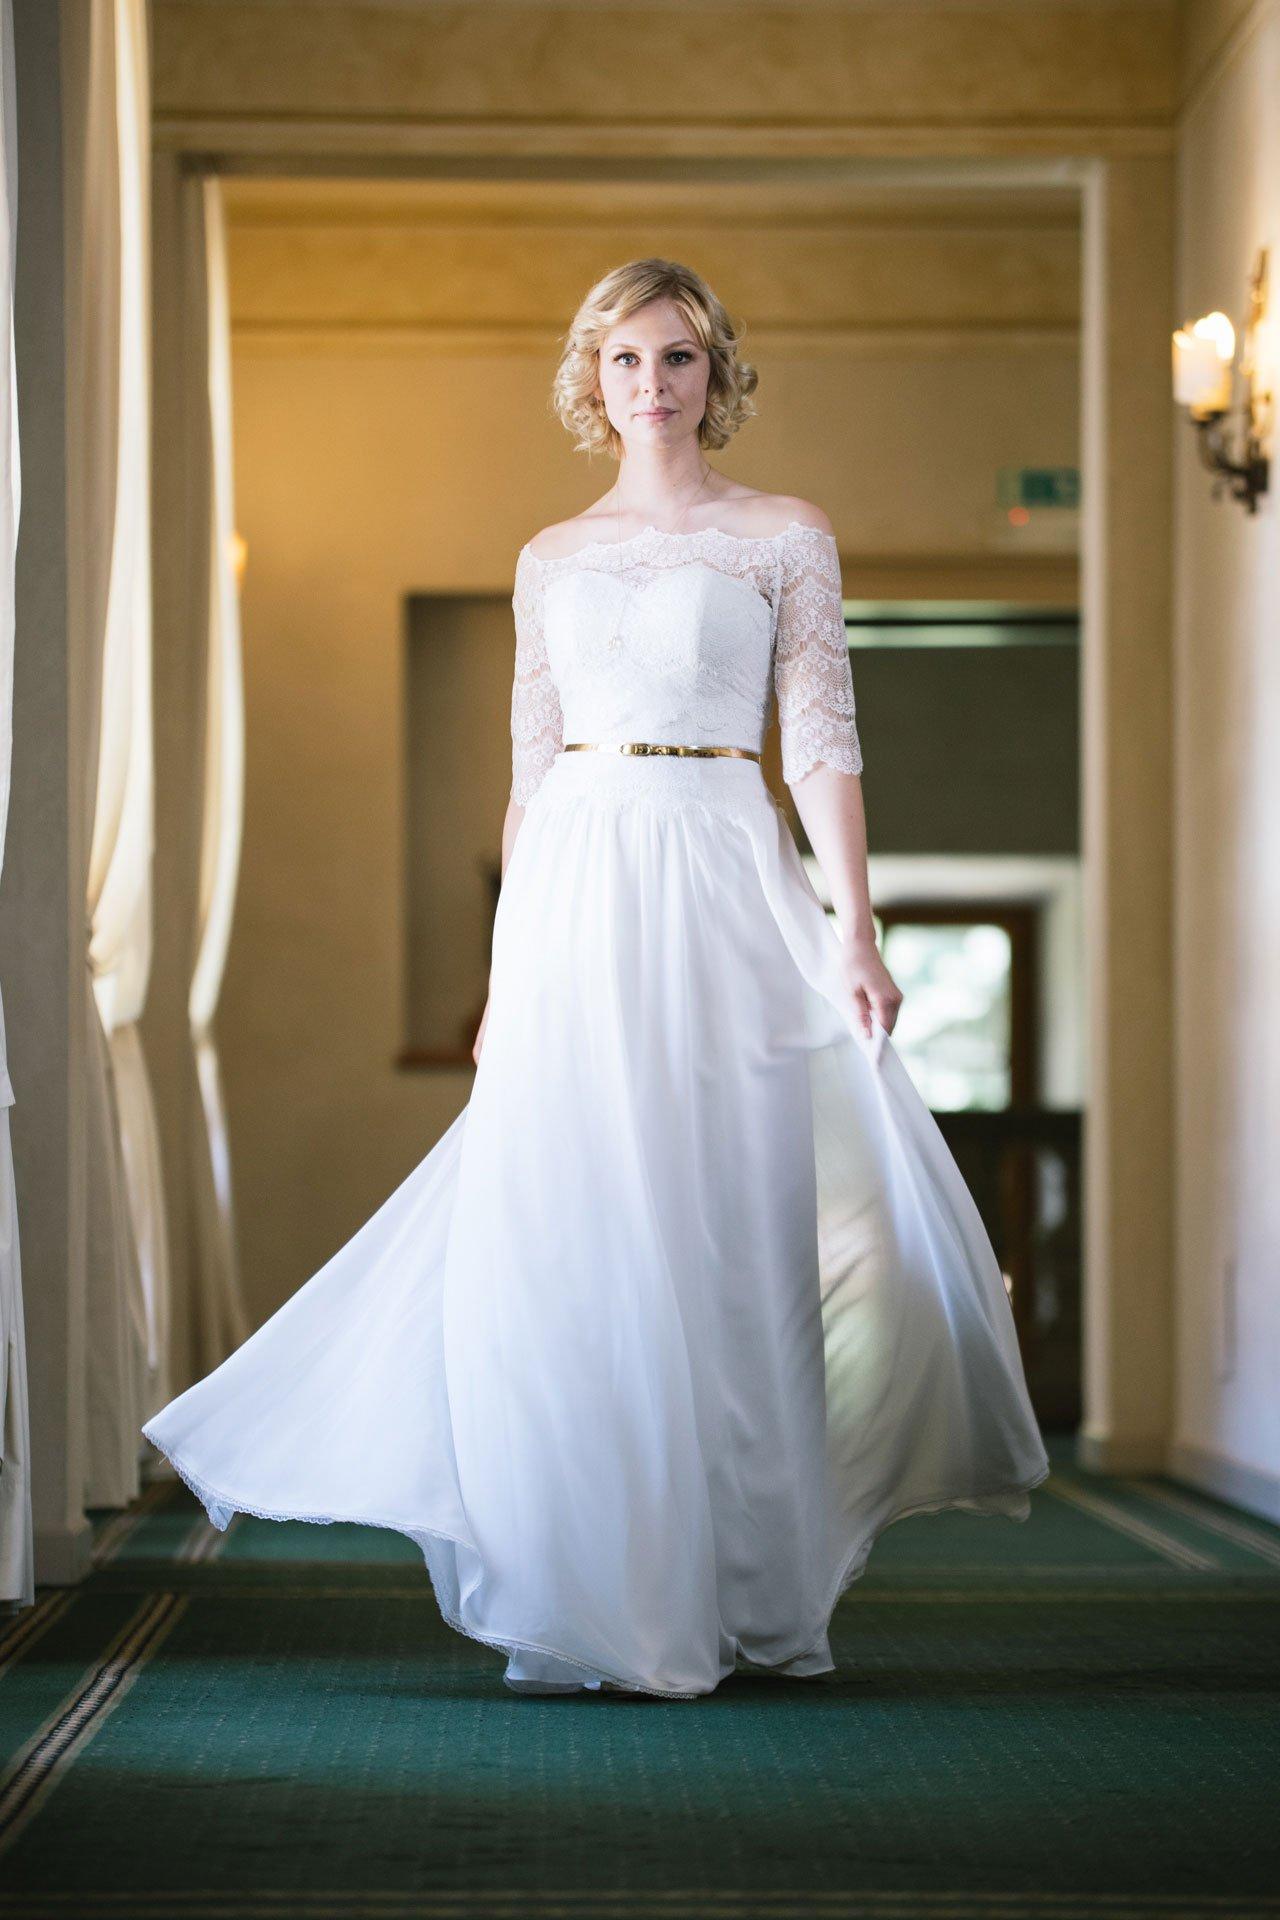 brautkleid inspiriert vom 20er jahre stil vintage kleid mit spitzencorsage